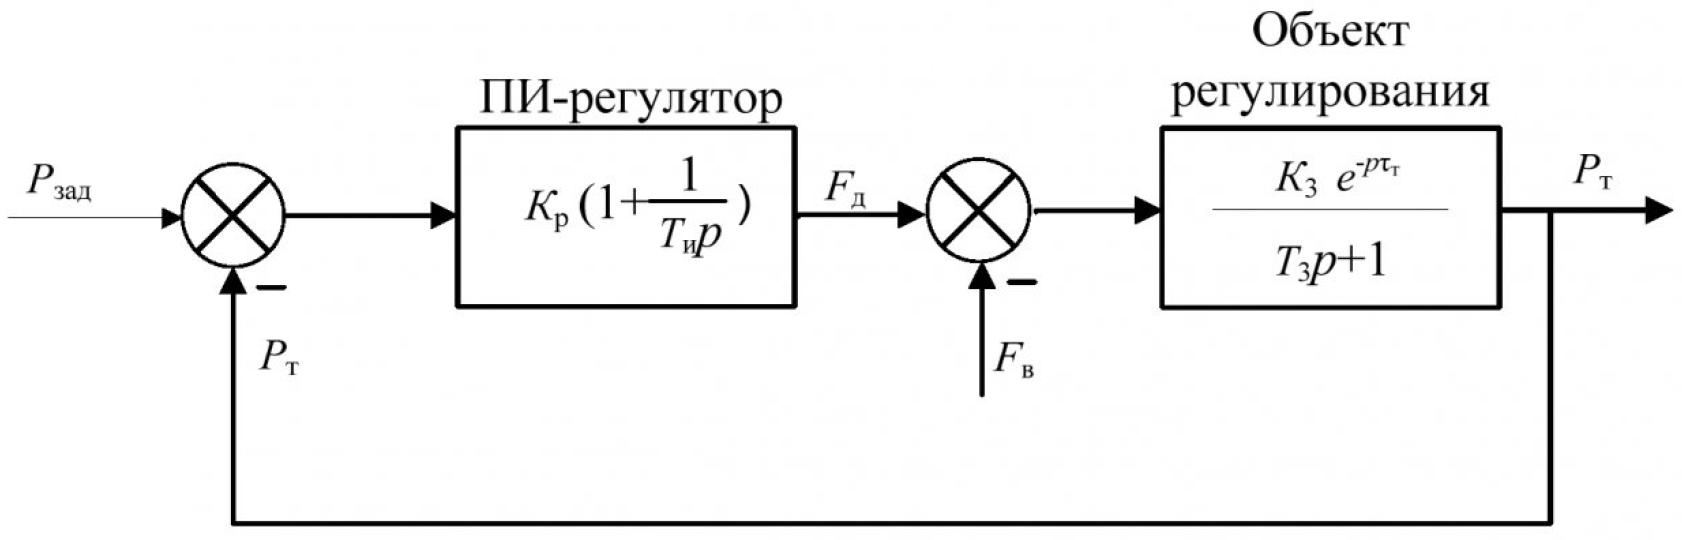 Рисунок 5 – Структура одноконтурной САР разряжения в топке котла